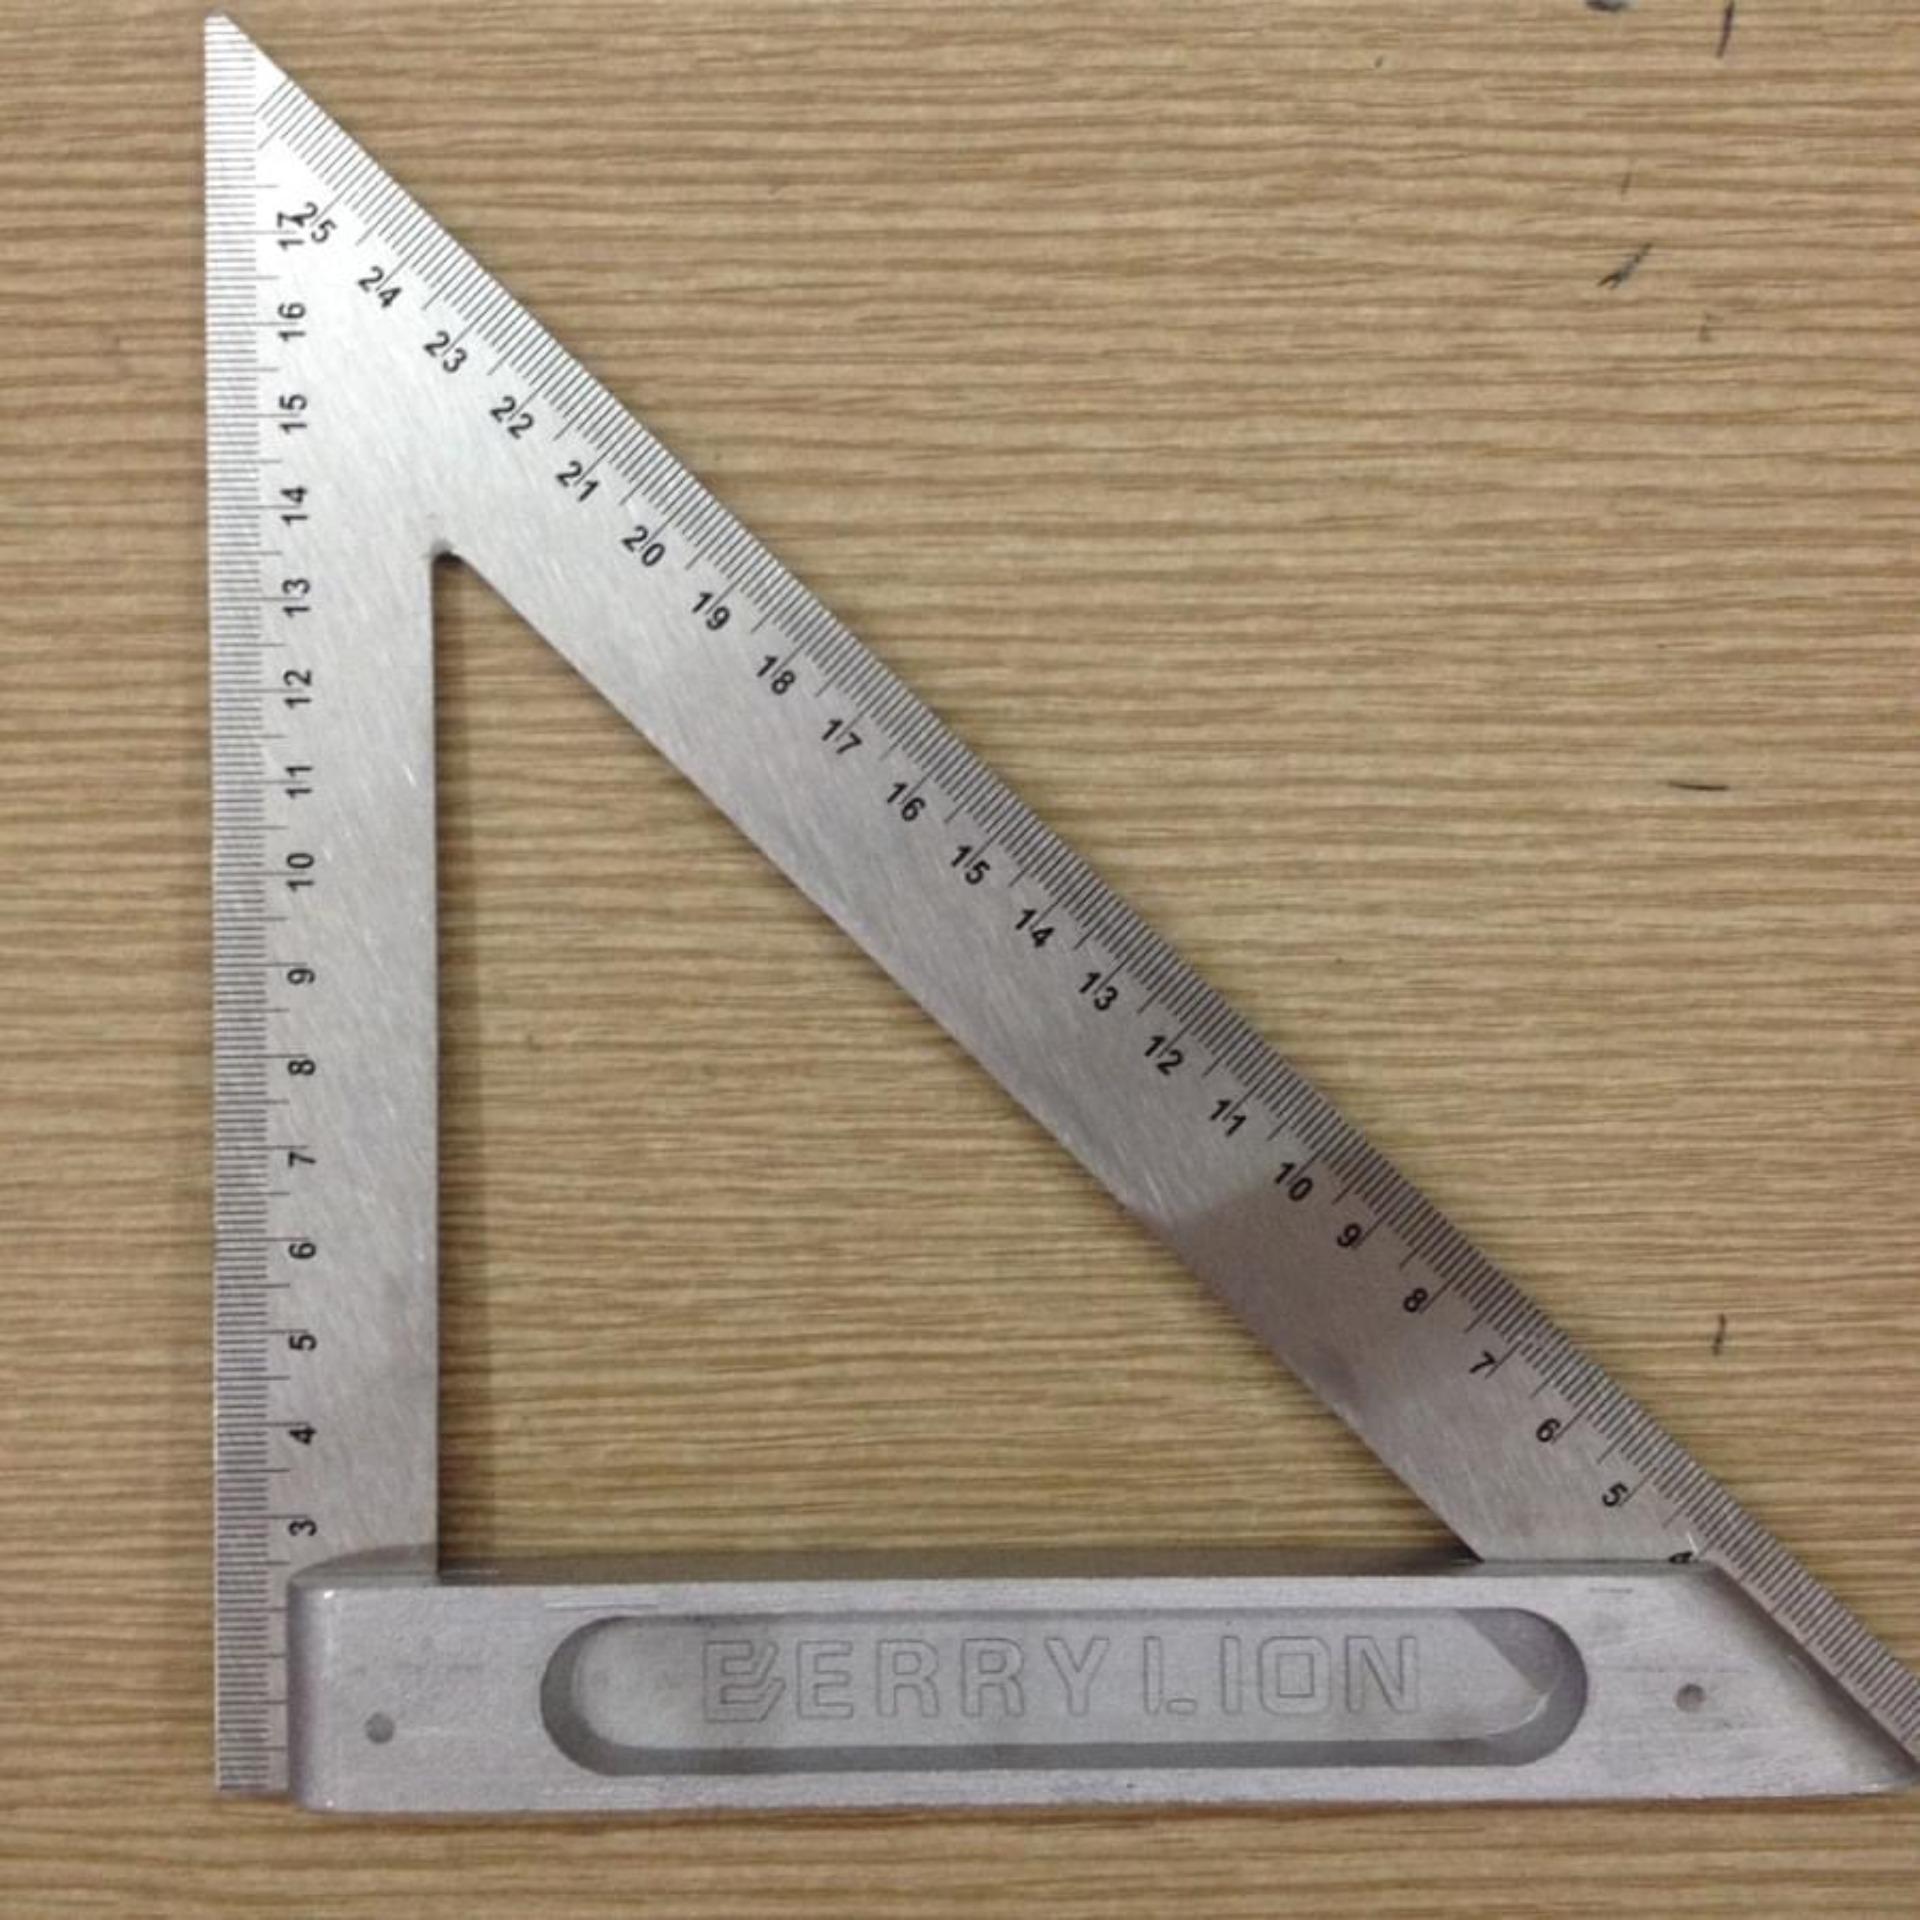 Thước góc tam giác Berrylion 200mm - 070703200 Nhật Bản